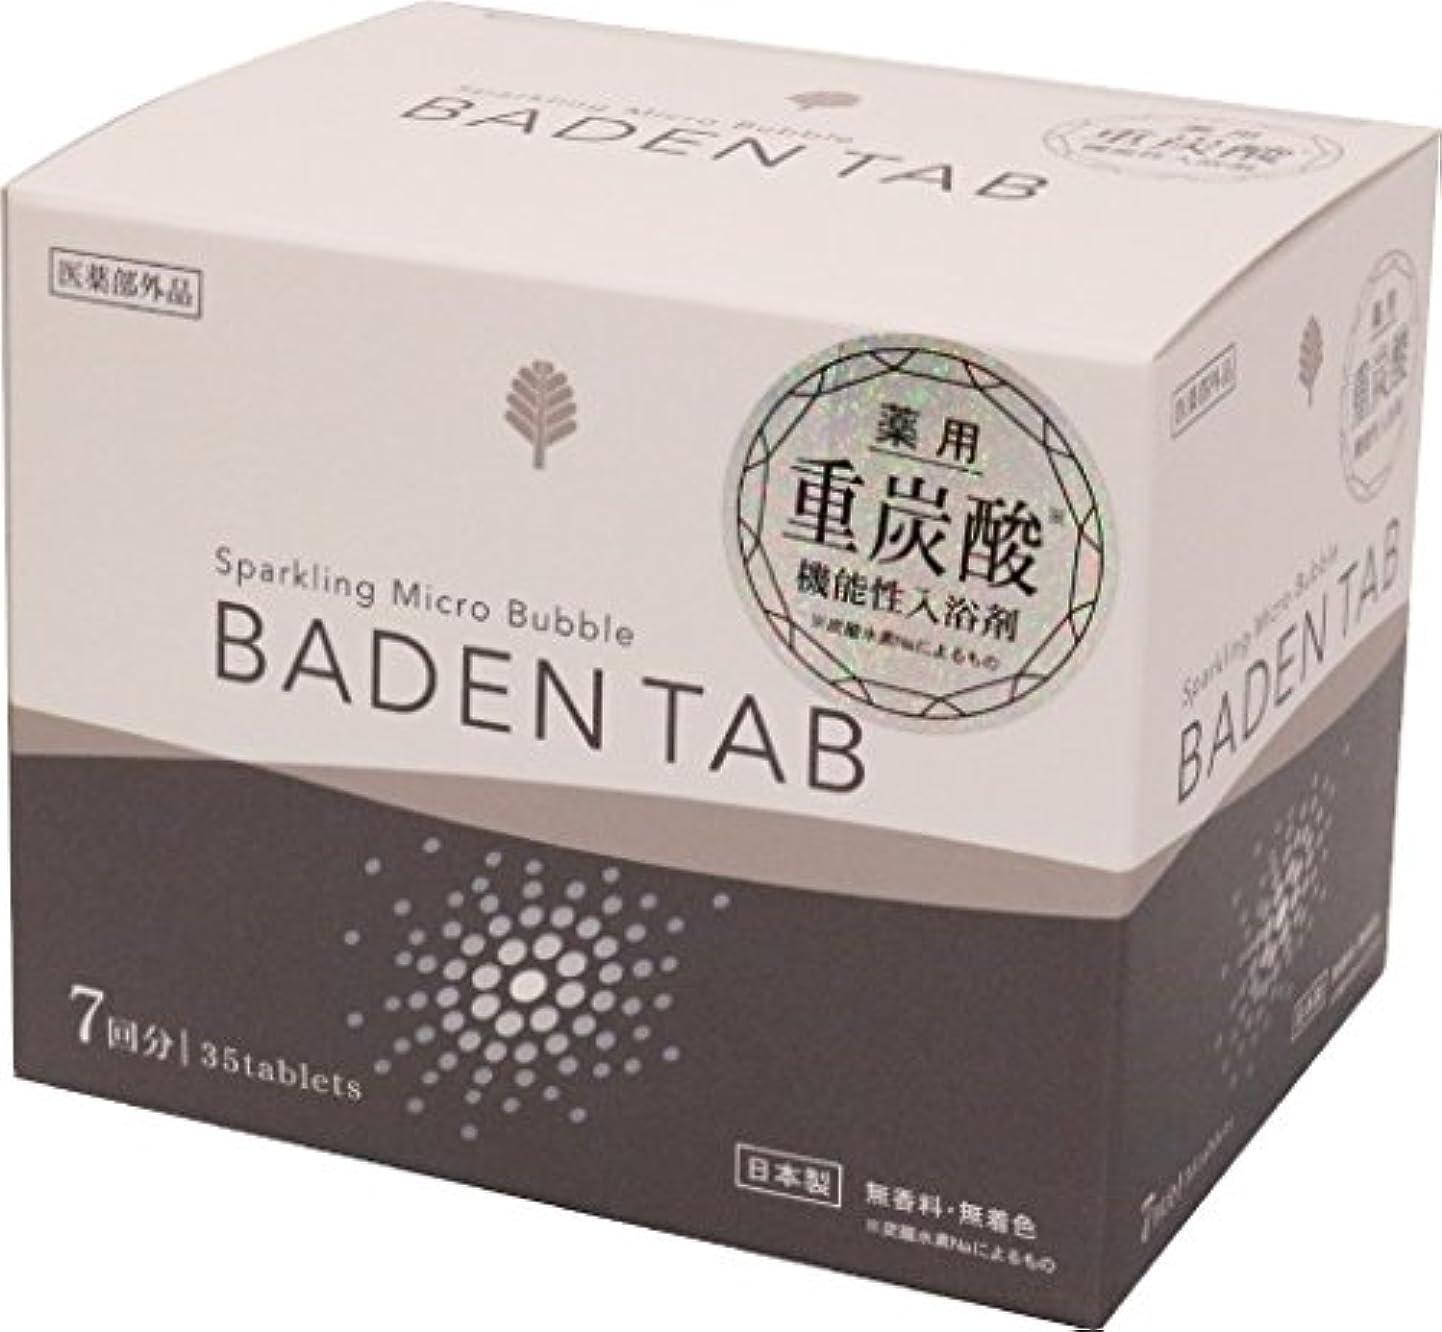 また明日ね迅速計器日本製 made in japan 薬用BadenTab5錠7パック15gx35錠入 BT-8756 【まとめ買い6個セット】